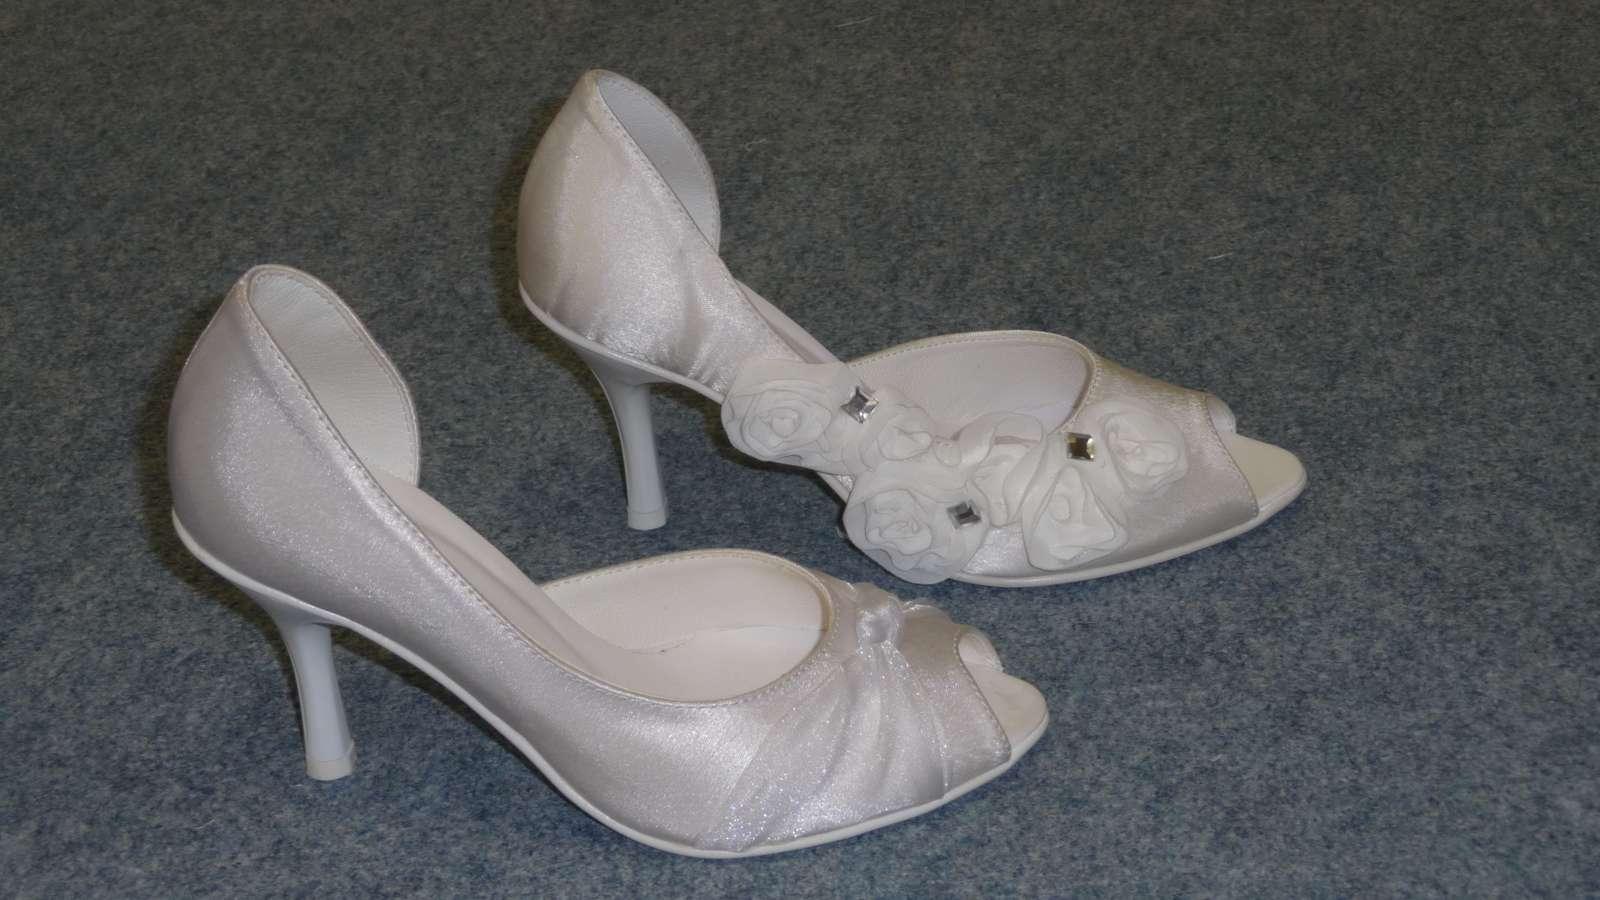 52452ee89d8 Svatební obuv witt